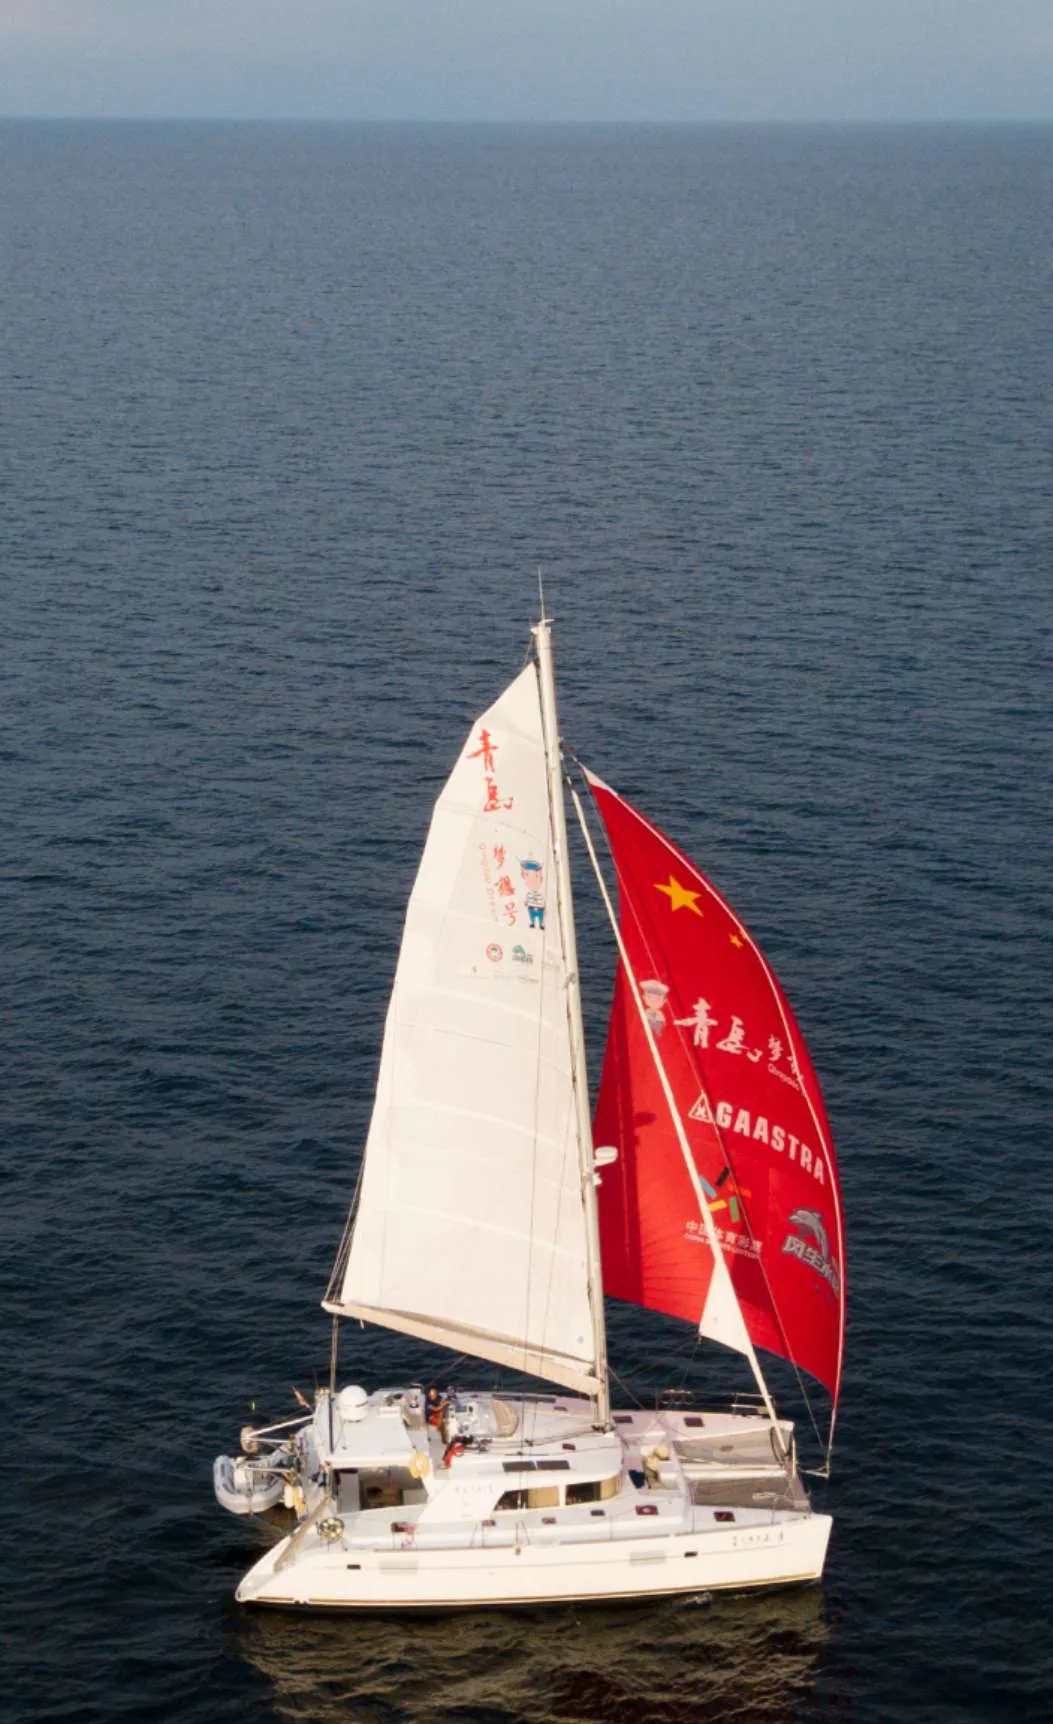 航海,帆船,环球,世界,中国 独臂船长徐京坤完成了国人首次双体帆船环球挑战-来自青岛梦想号帆船的最新消息  070637fcfx5kjvfvzu1lpj